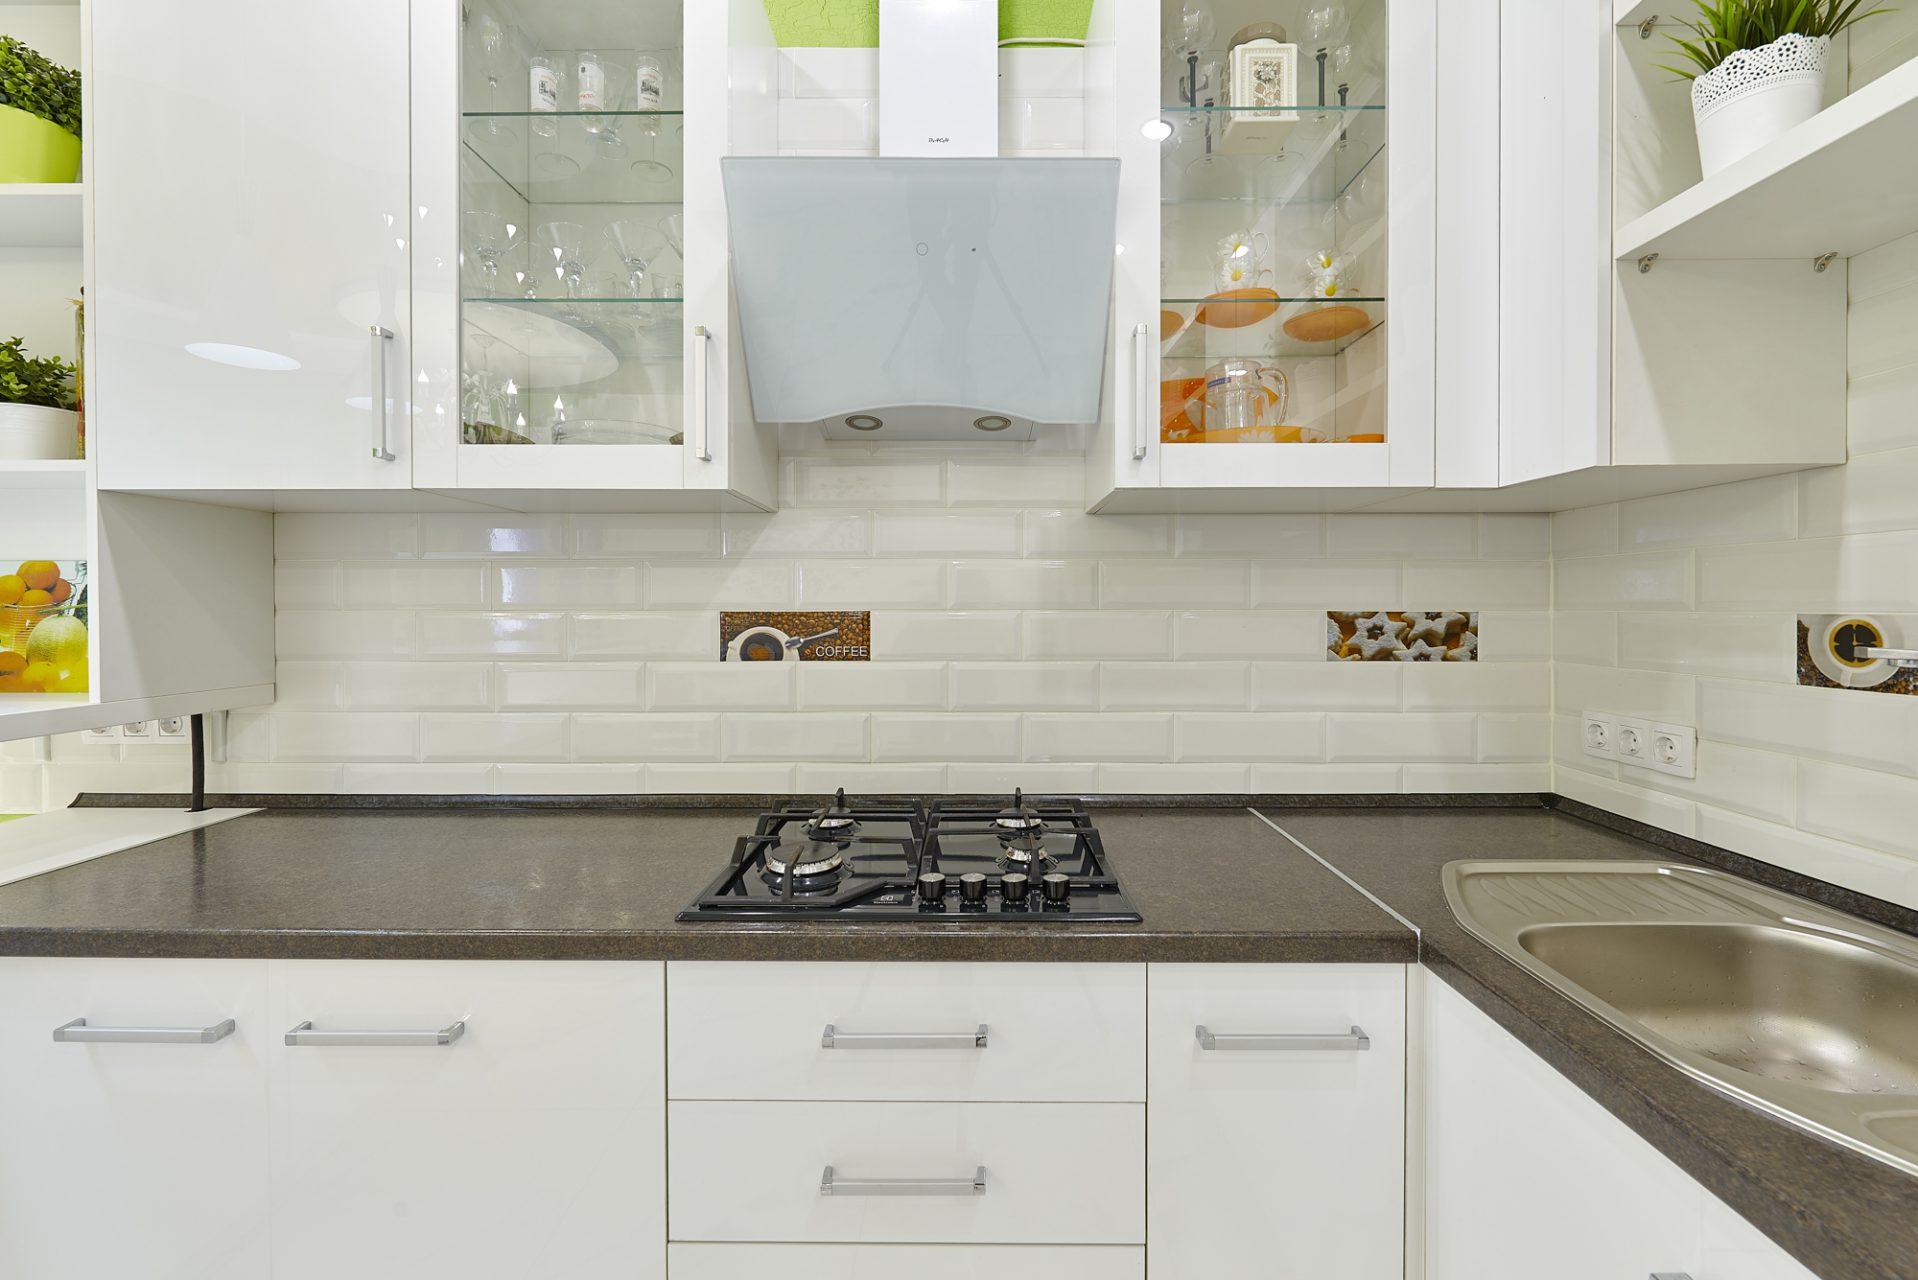 014_interior_kitchen1_korneychikeu